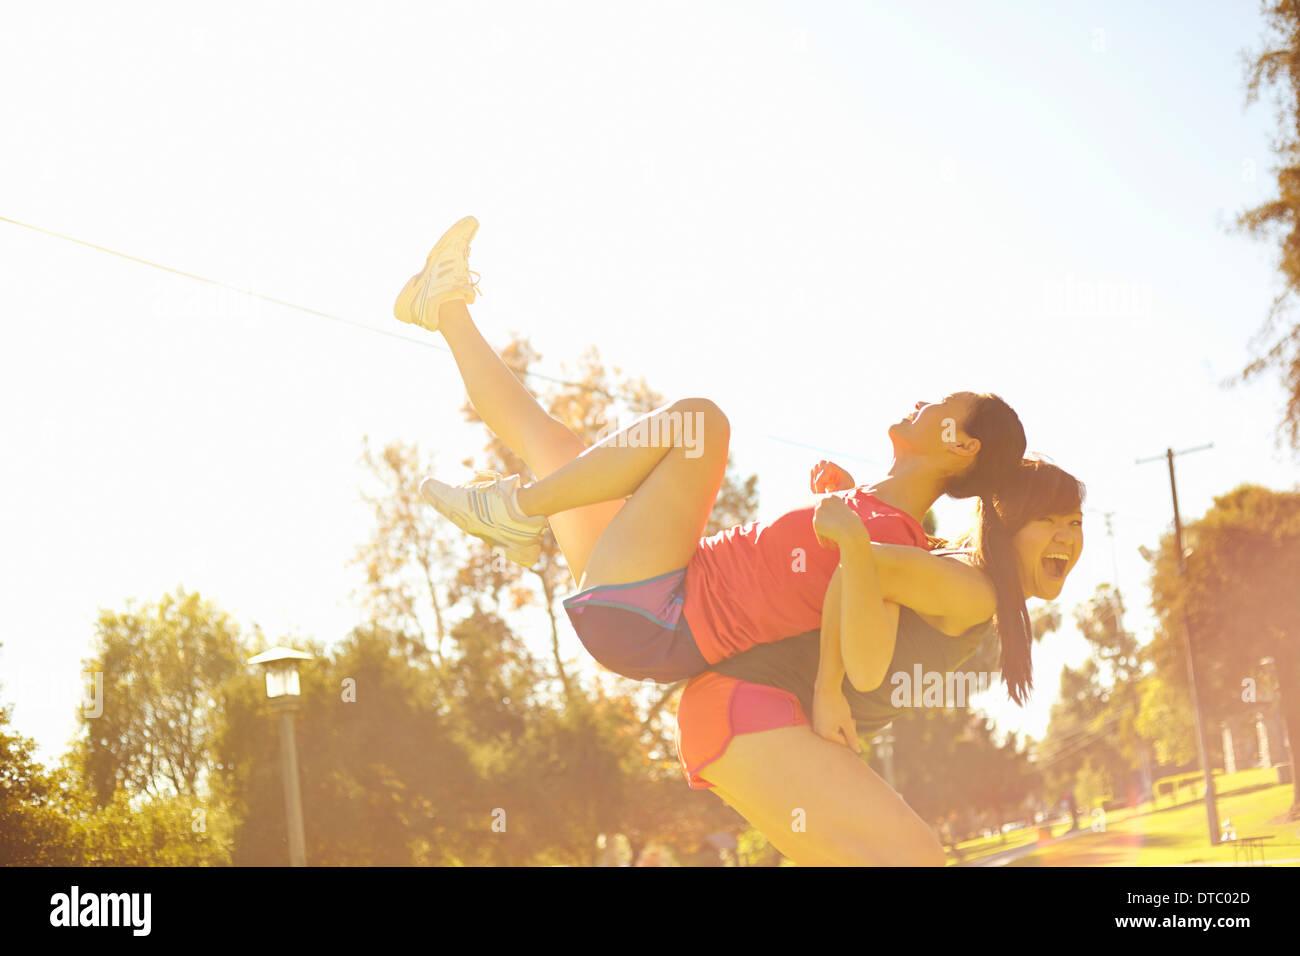 Zwei junge Frauen, die Spaß im park Stockfoto